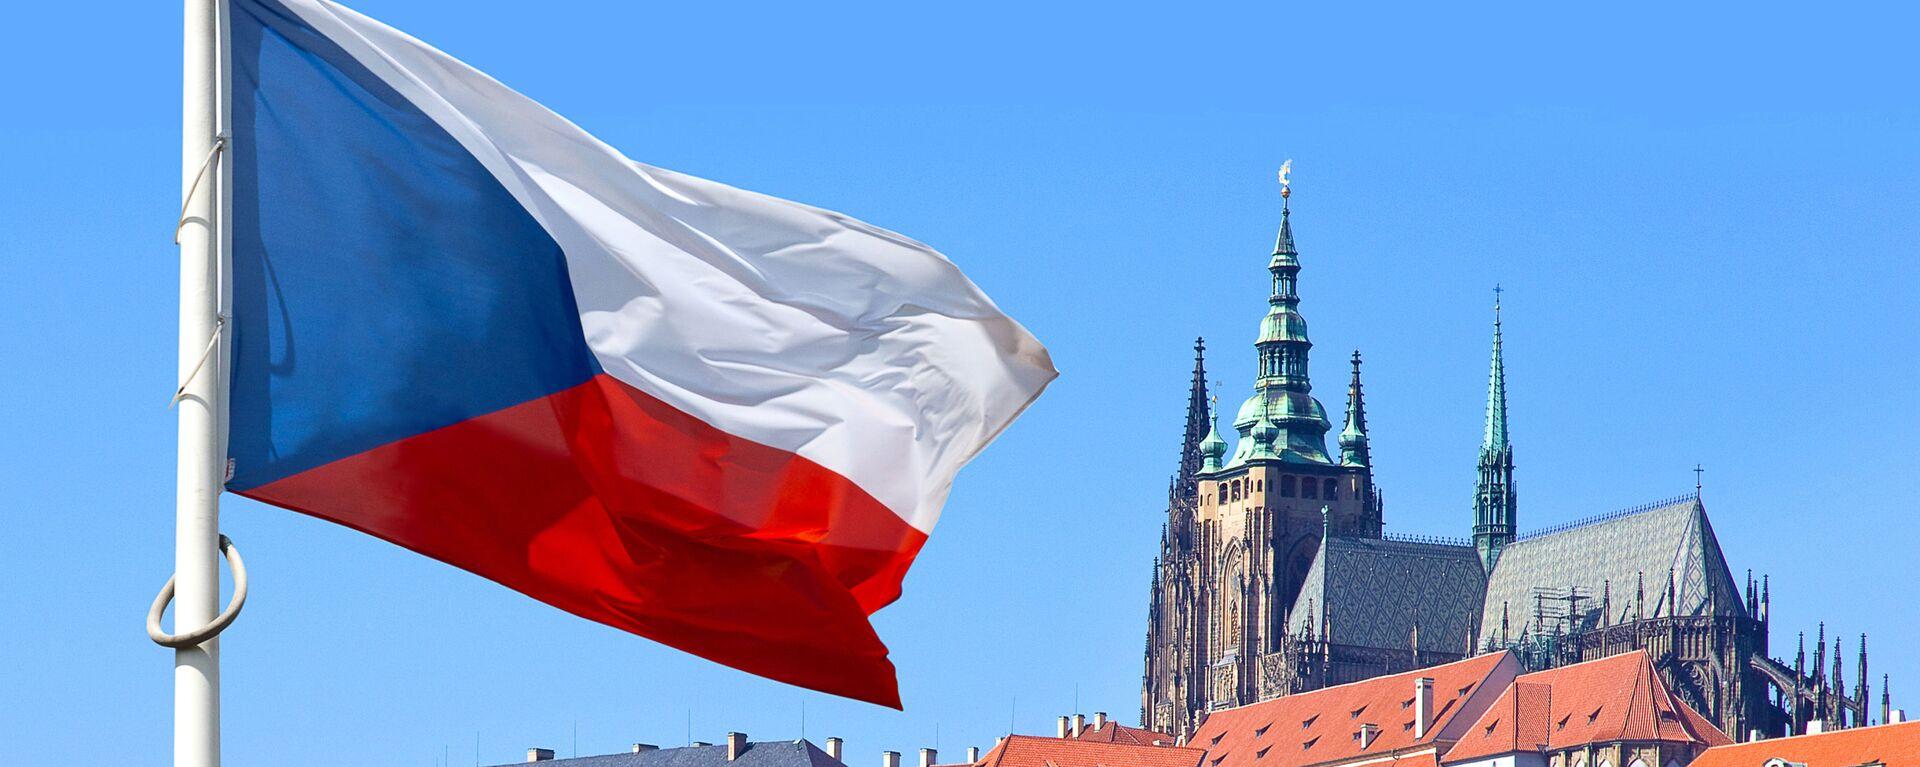 Czeska flaga w historycznym rejonie Pragi - Sputnik Polska, 1920, 19.04.2021